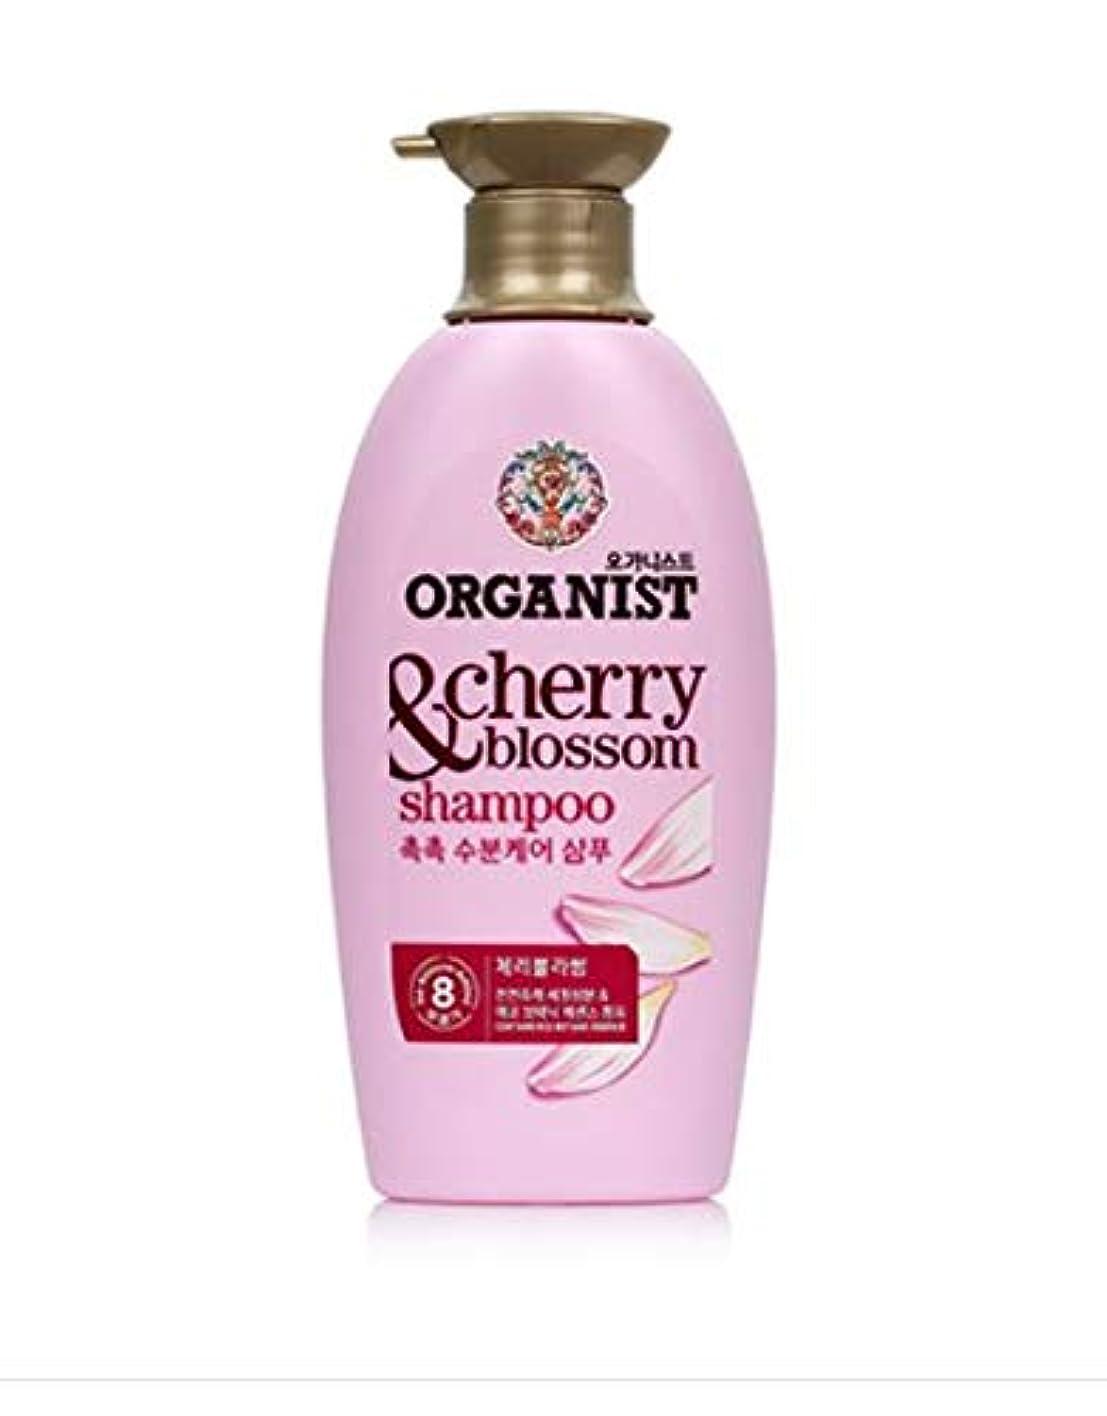 賞賛するアスペクト中間オーガニスト (ORGANIST)チェリーブロッサムシャンプー500ml/ ORGANIST Cherry Blossom Hydrating Shampoo 500ml [並行輸入品]